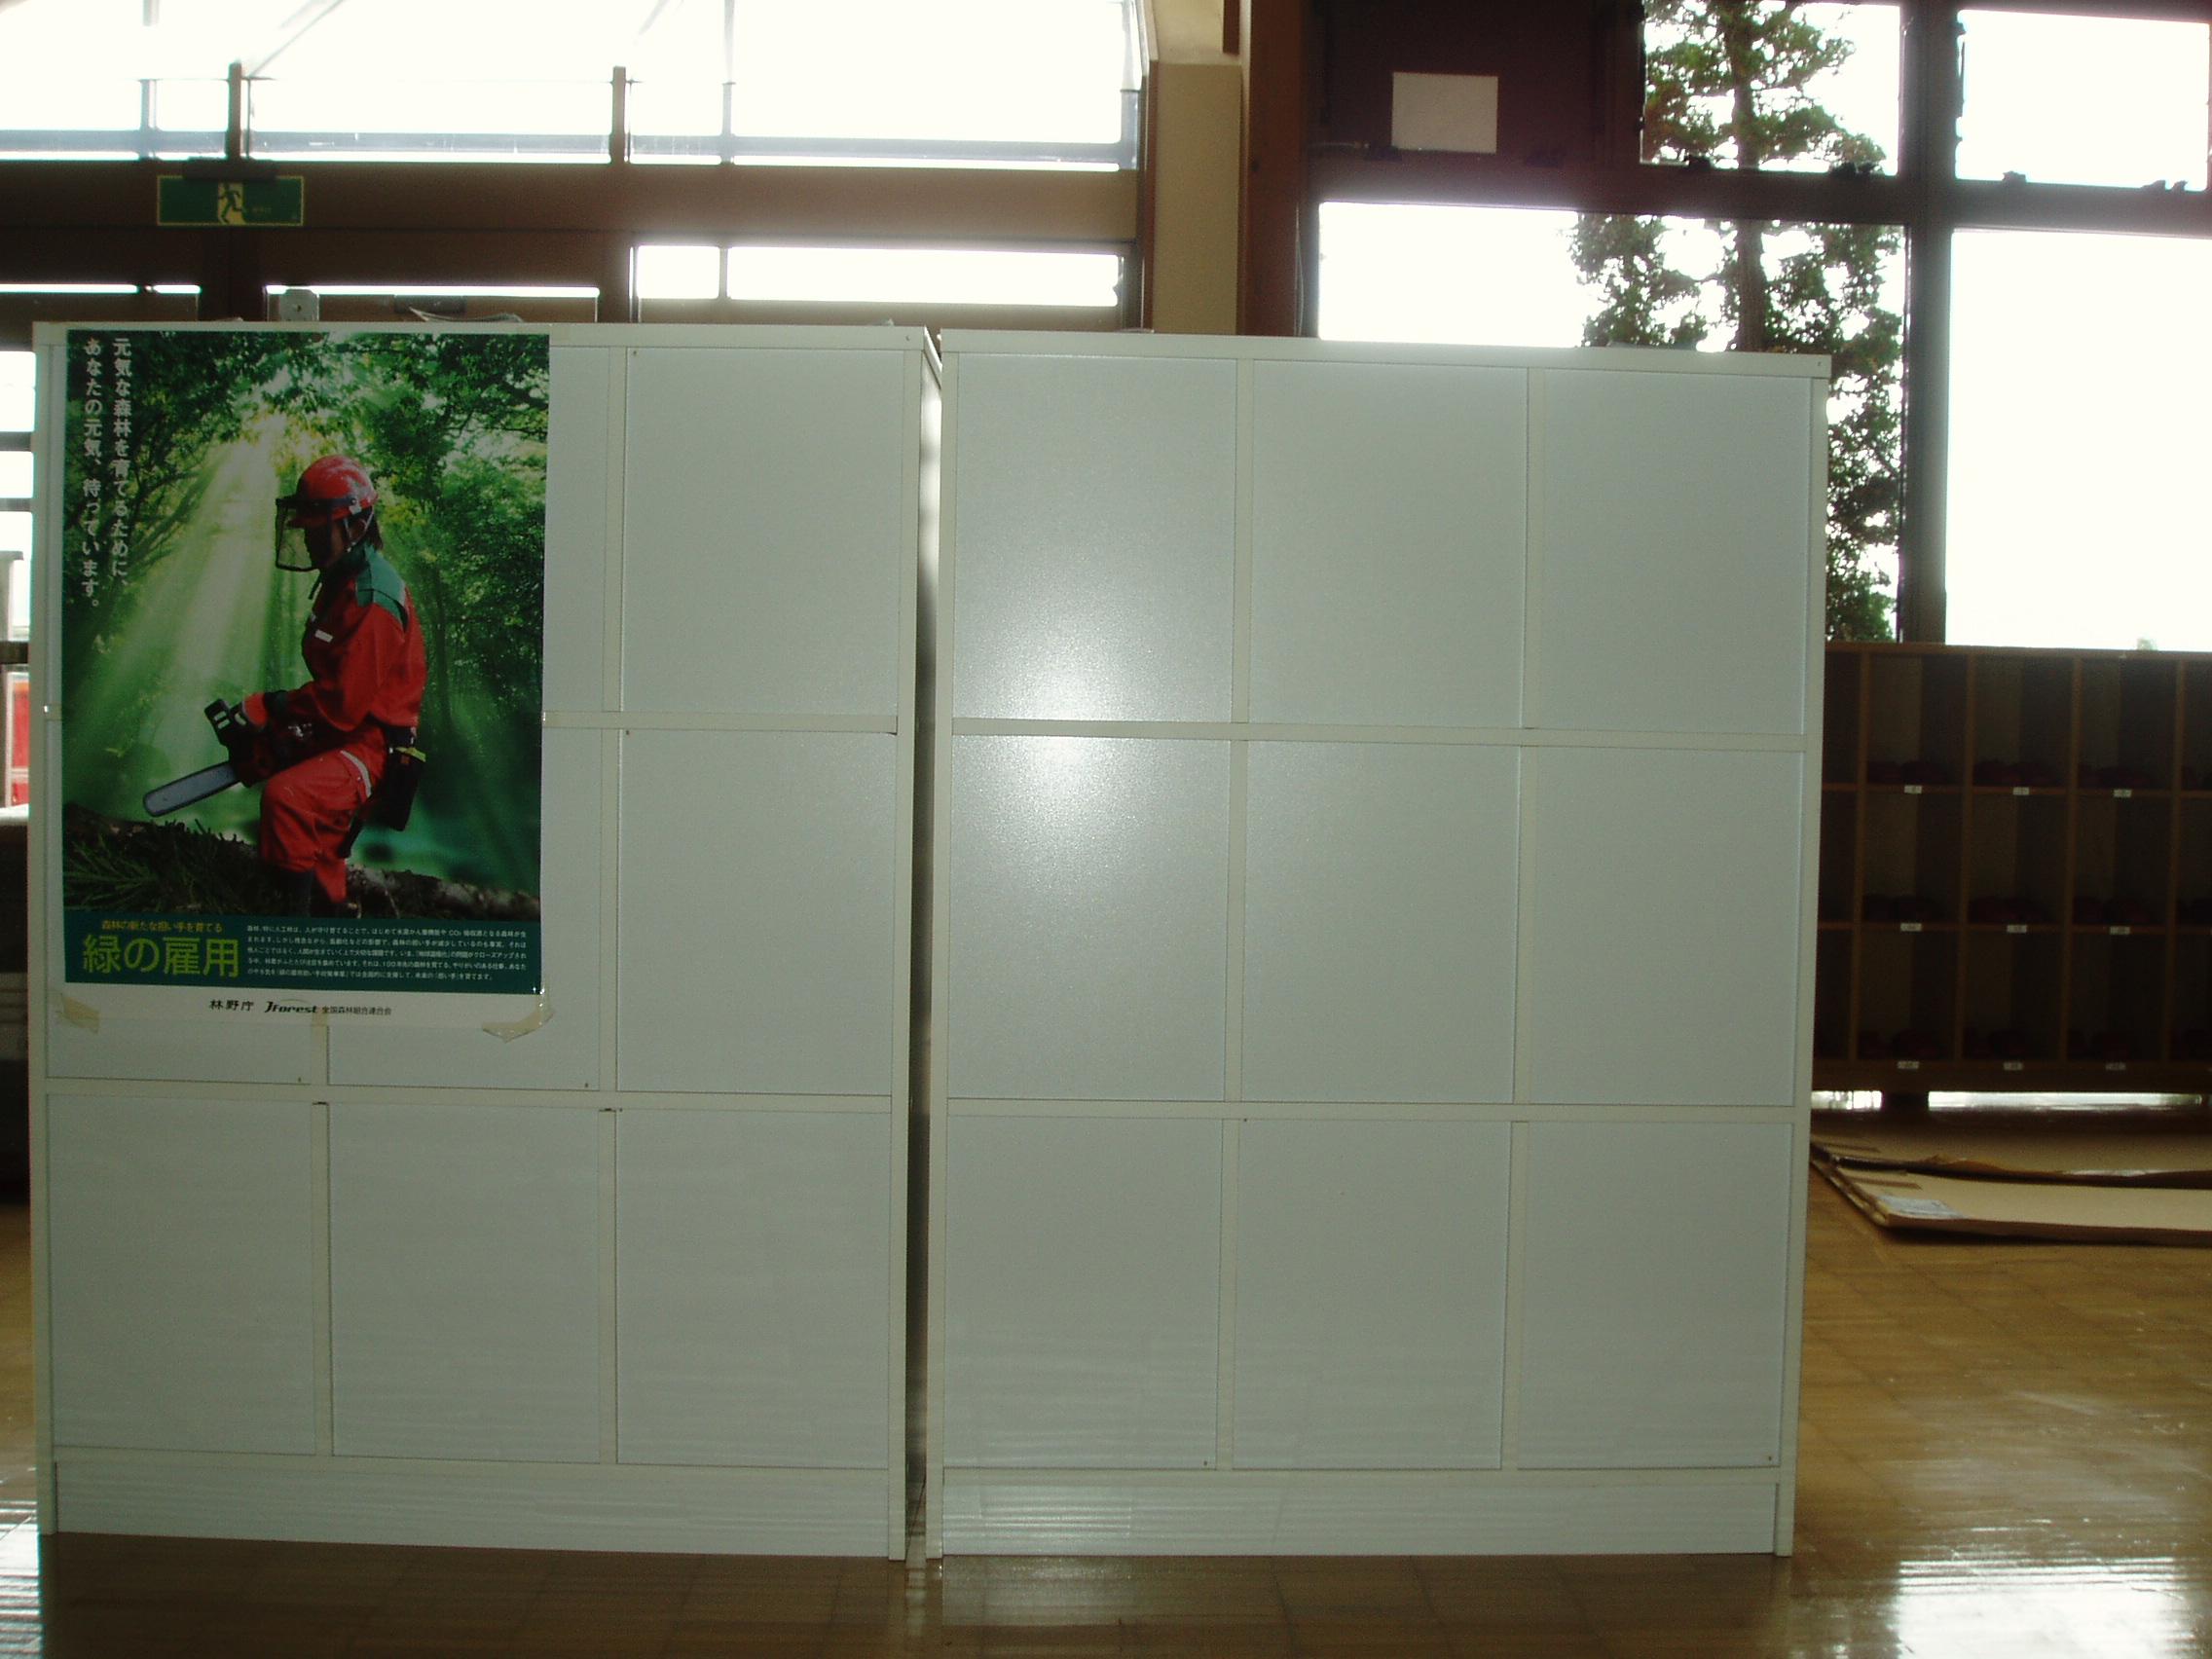 金沢森林組合本所にペレットストーブを設置しました。2